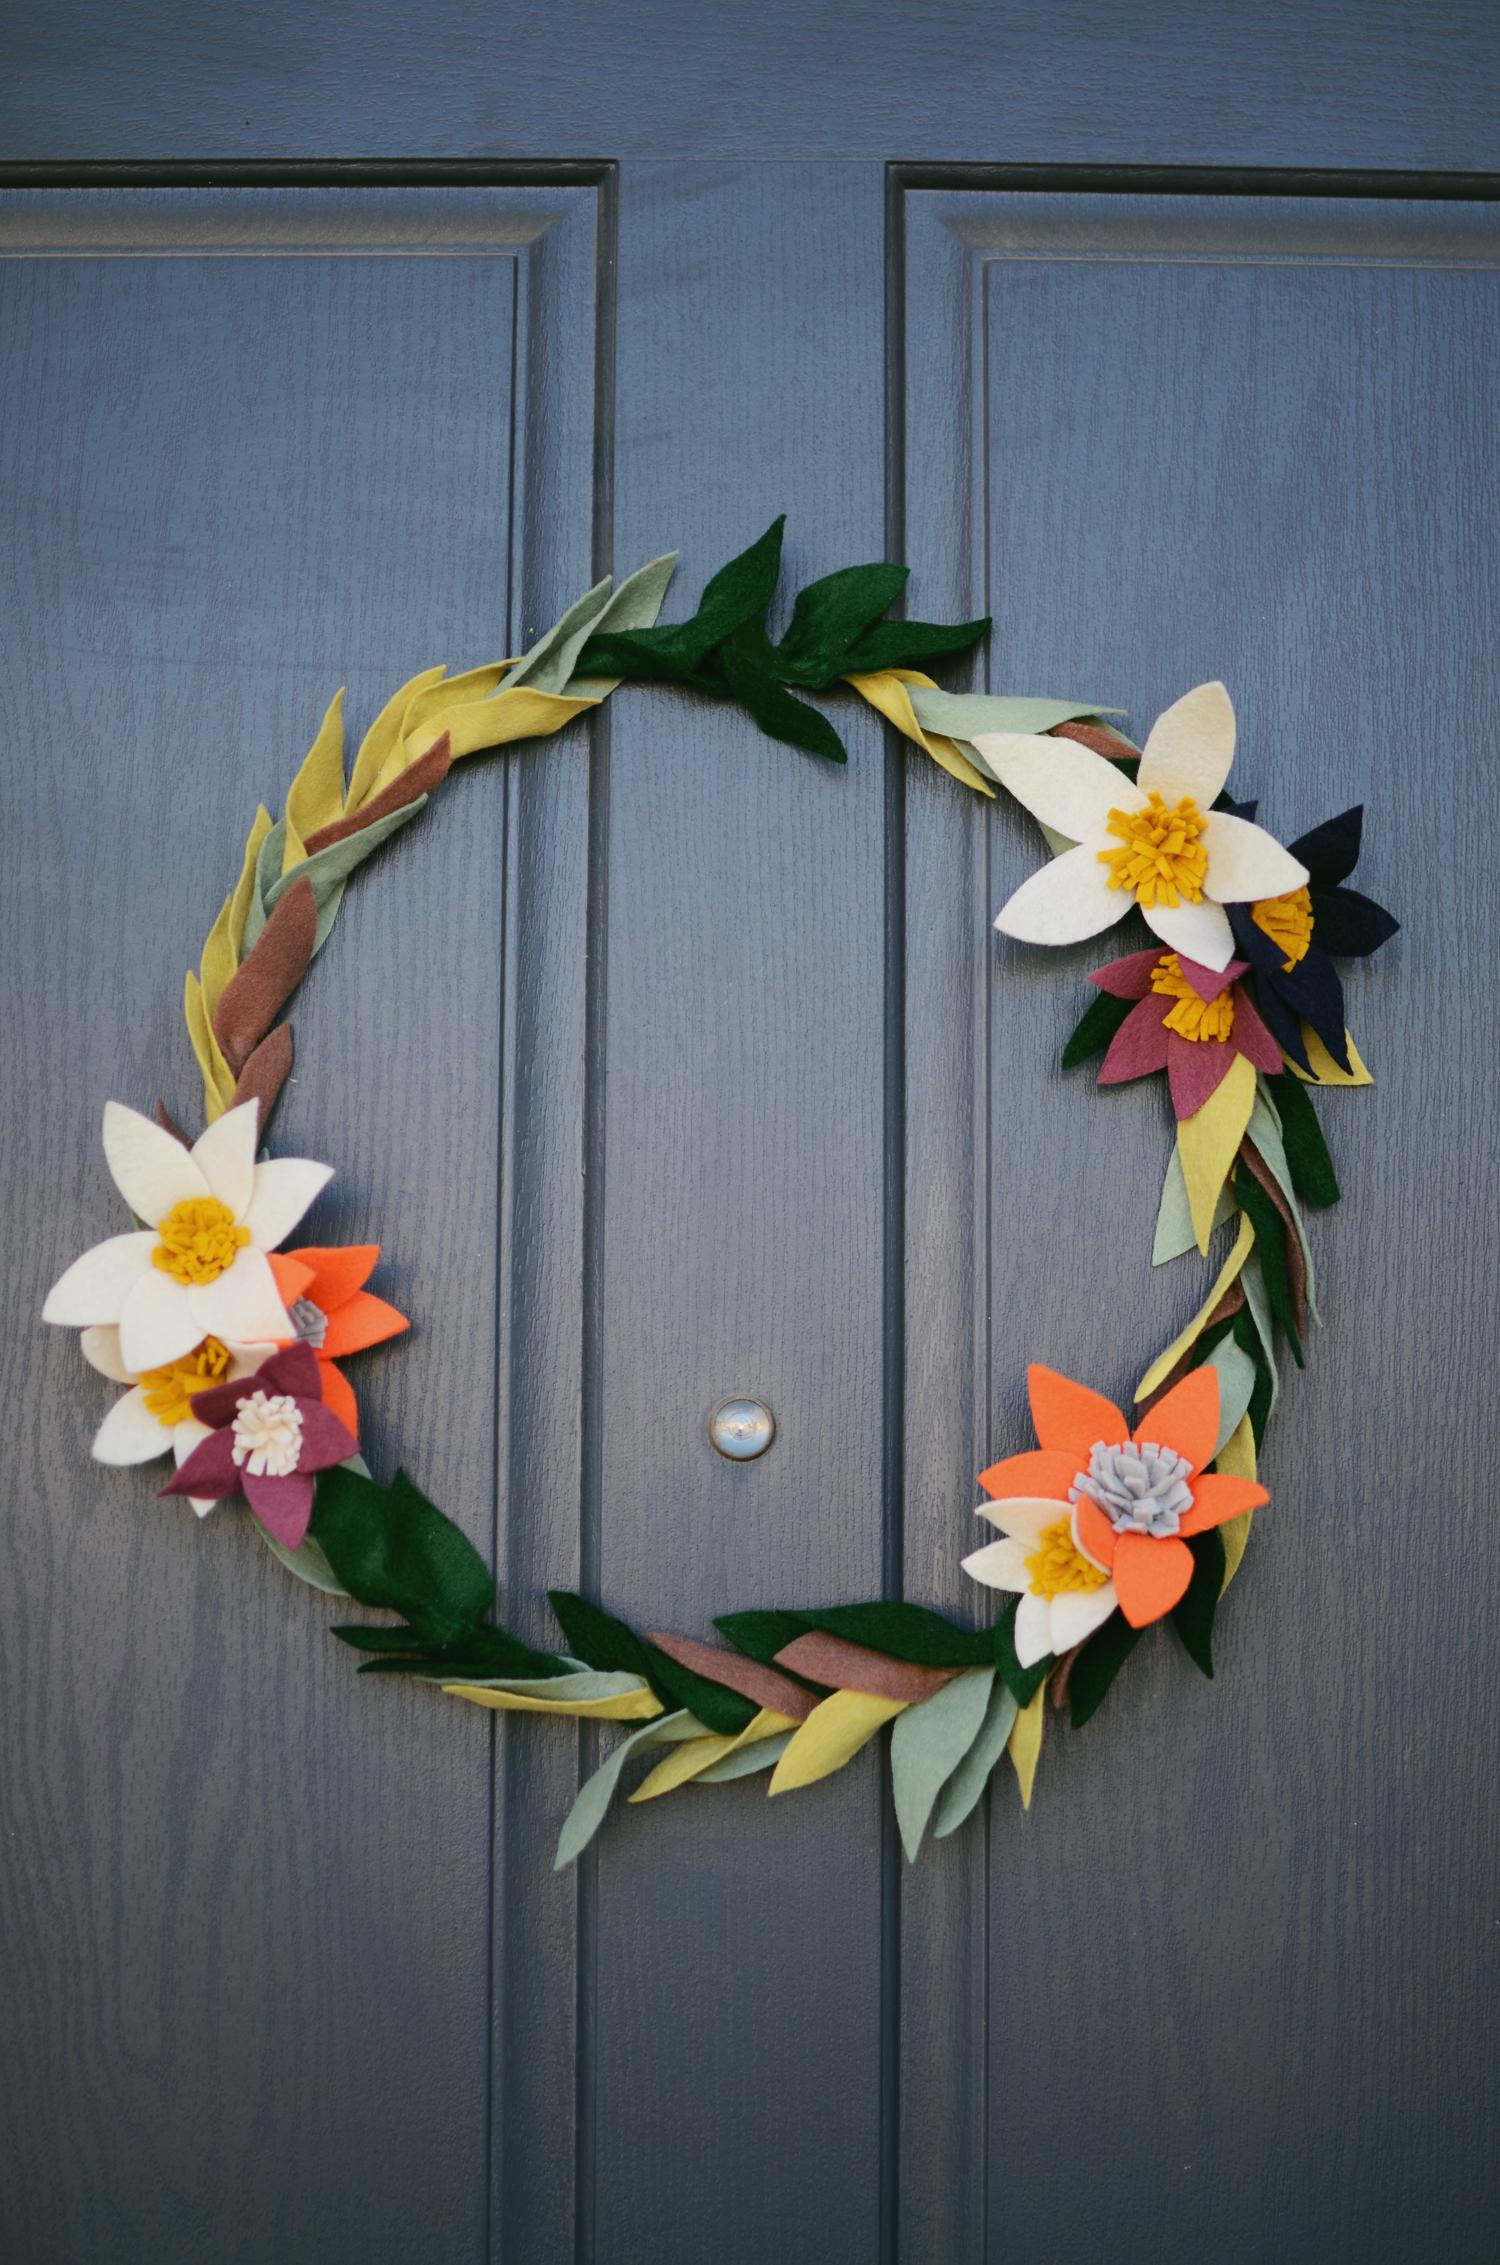 Felt flower wreath for door